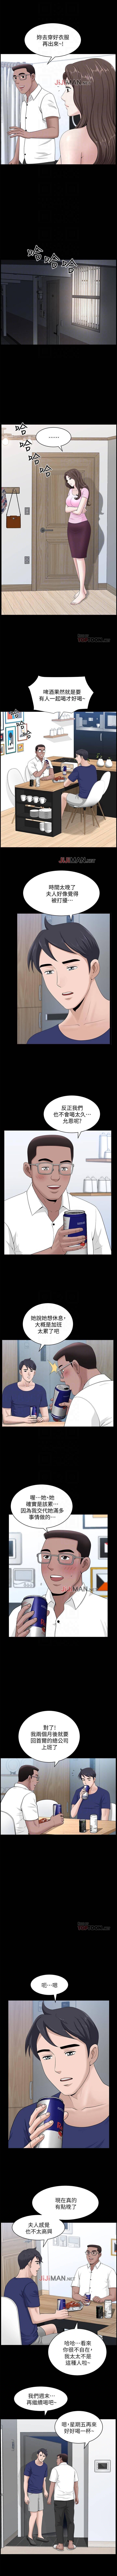 【周日连载】双妻生活(作者:skyso) 第1~23话 74